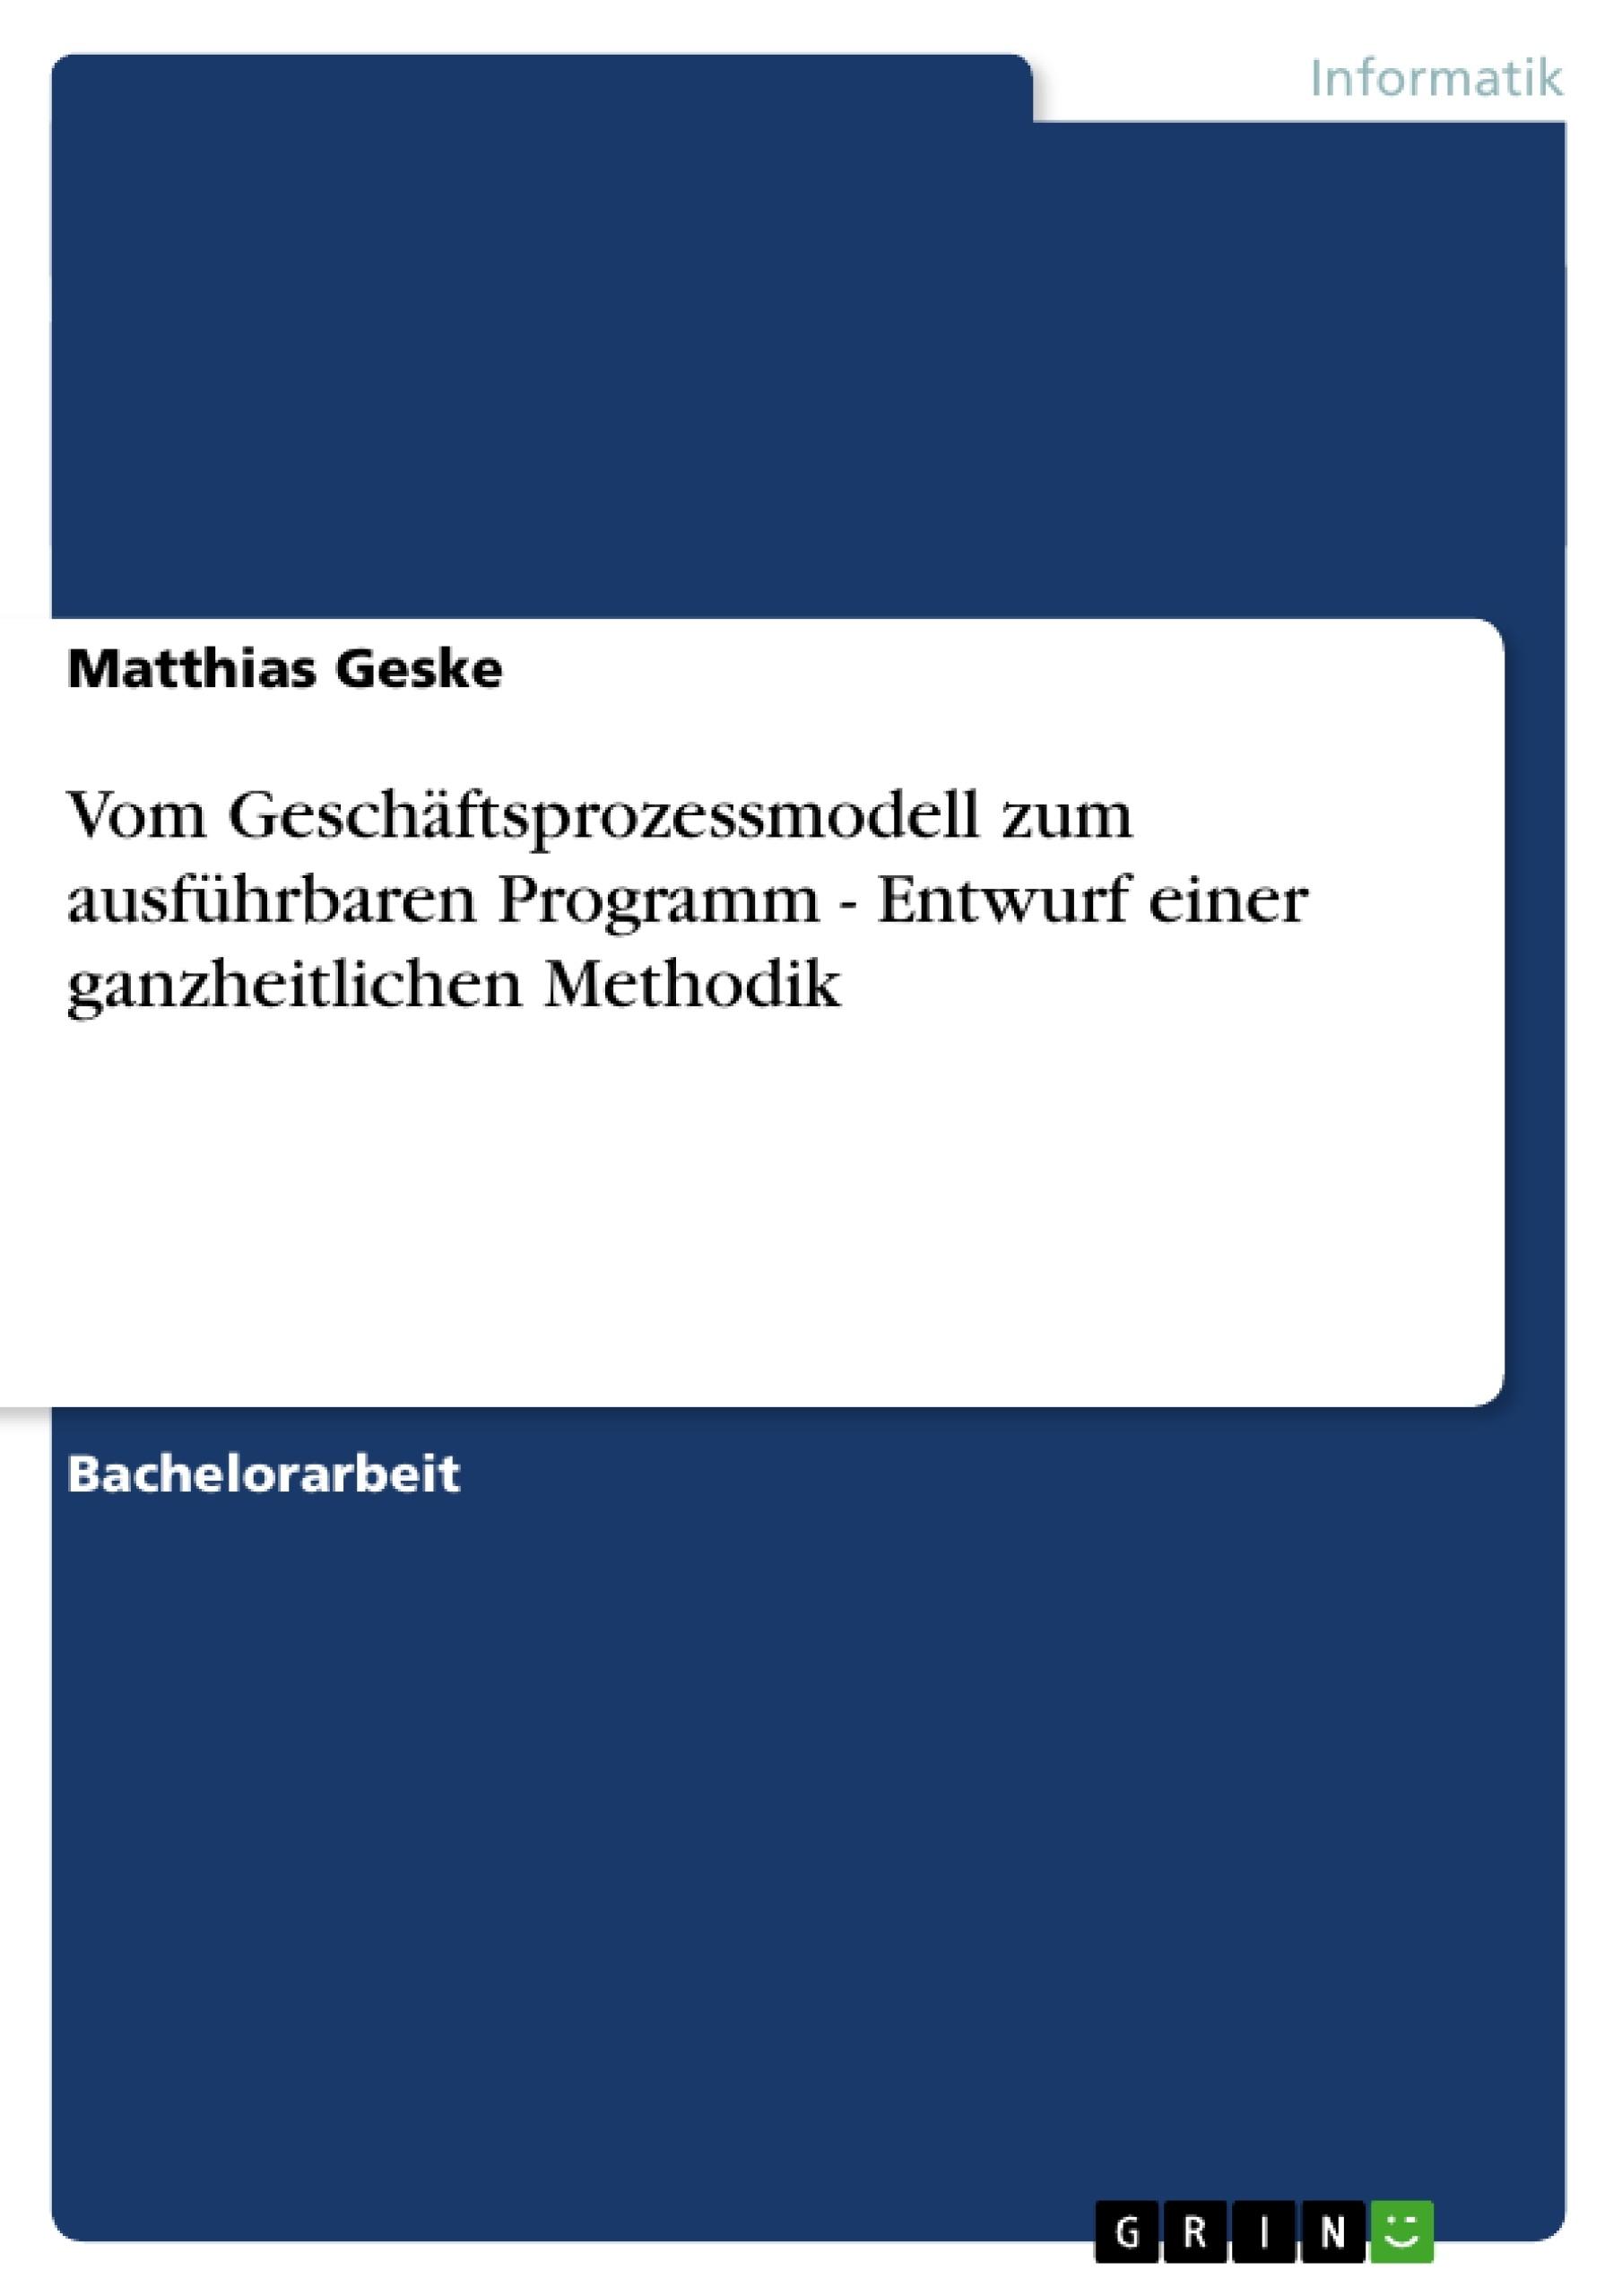 Titel: Vom Geschäftsprozessmodell zum ausführbaren Programm - Entwurf einer ganzheitlichen Methodik